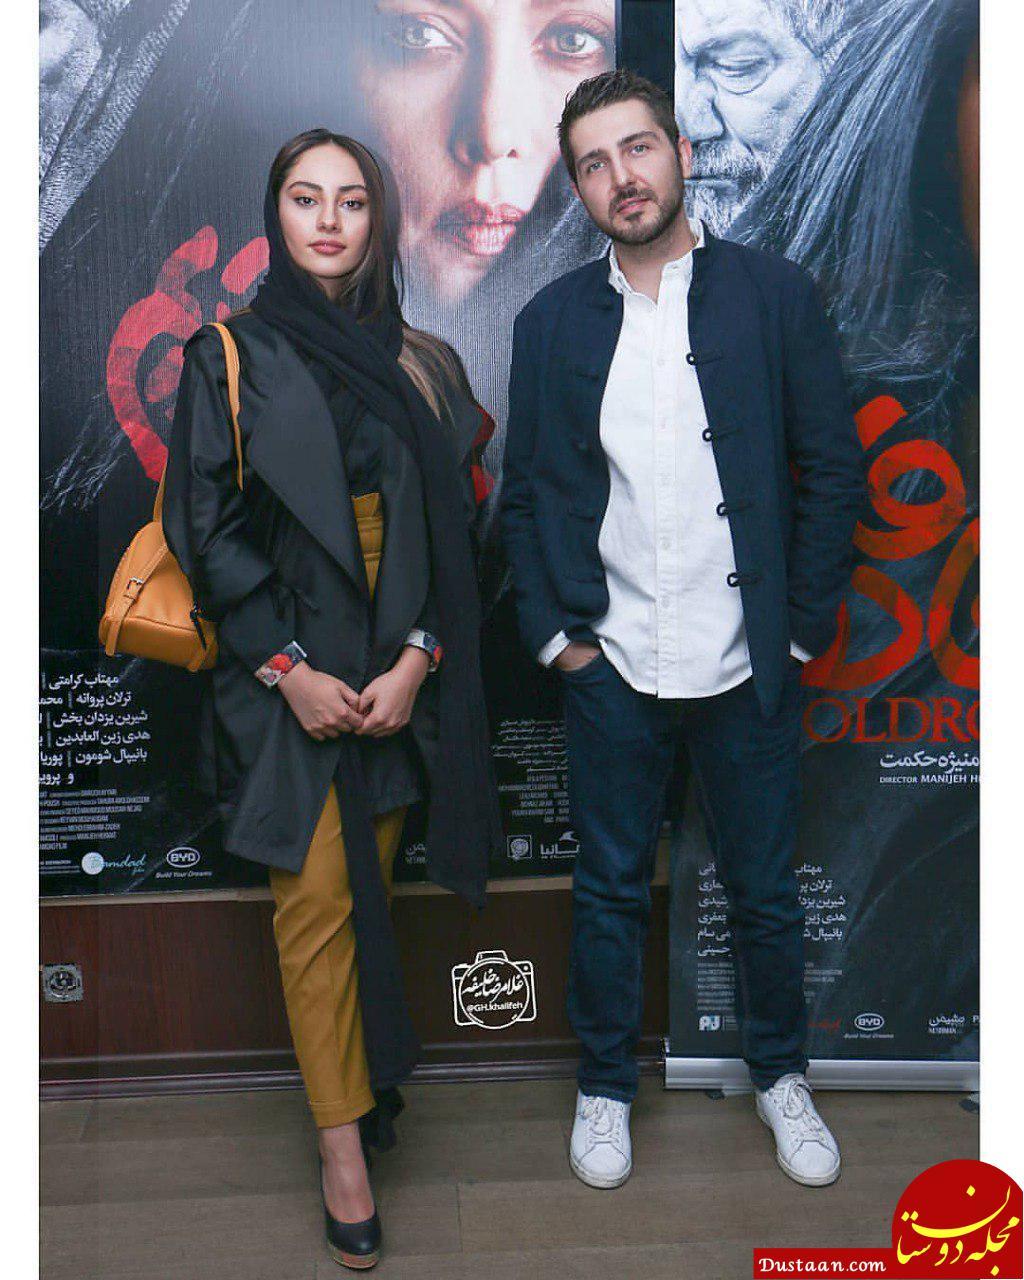 ترلان پروانه و محمد رضا غفاری در اکران جاده قدیم